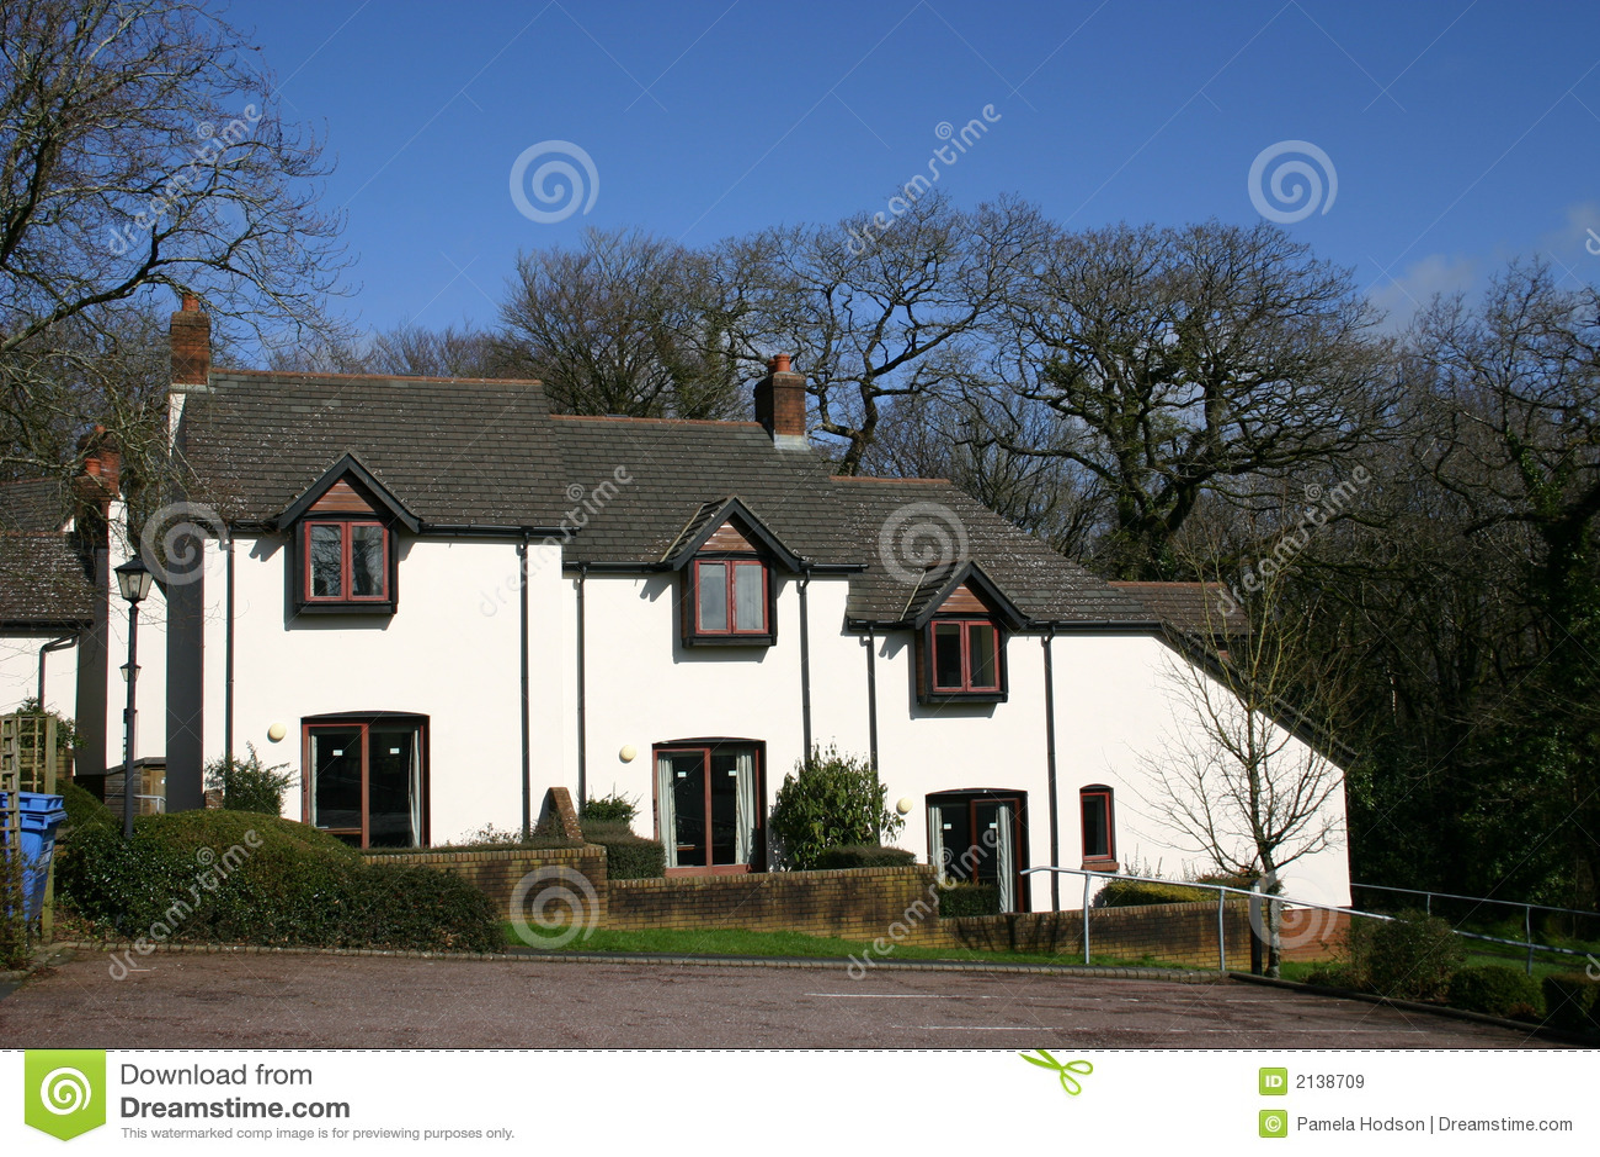 moderne huizen stock afbeelding afbeelding bestaande uit modern 2138709